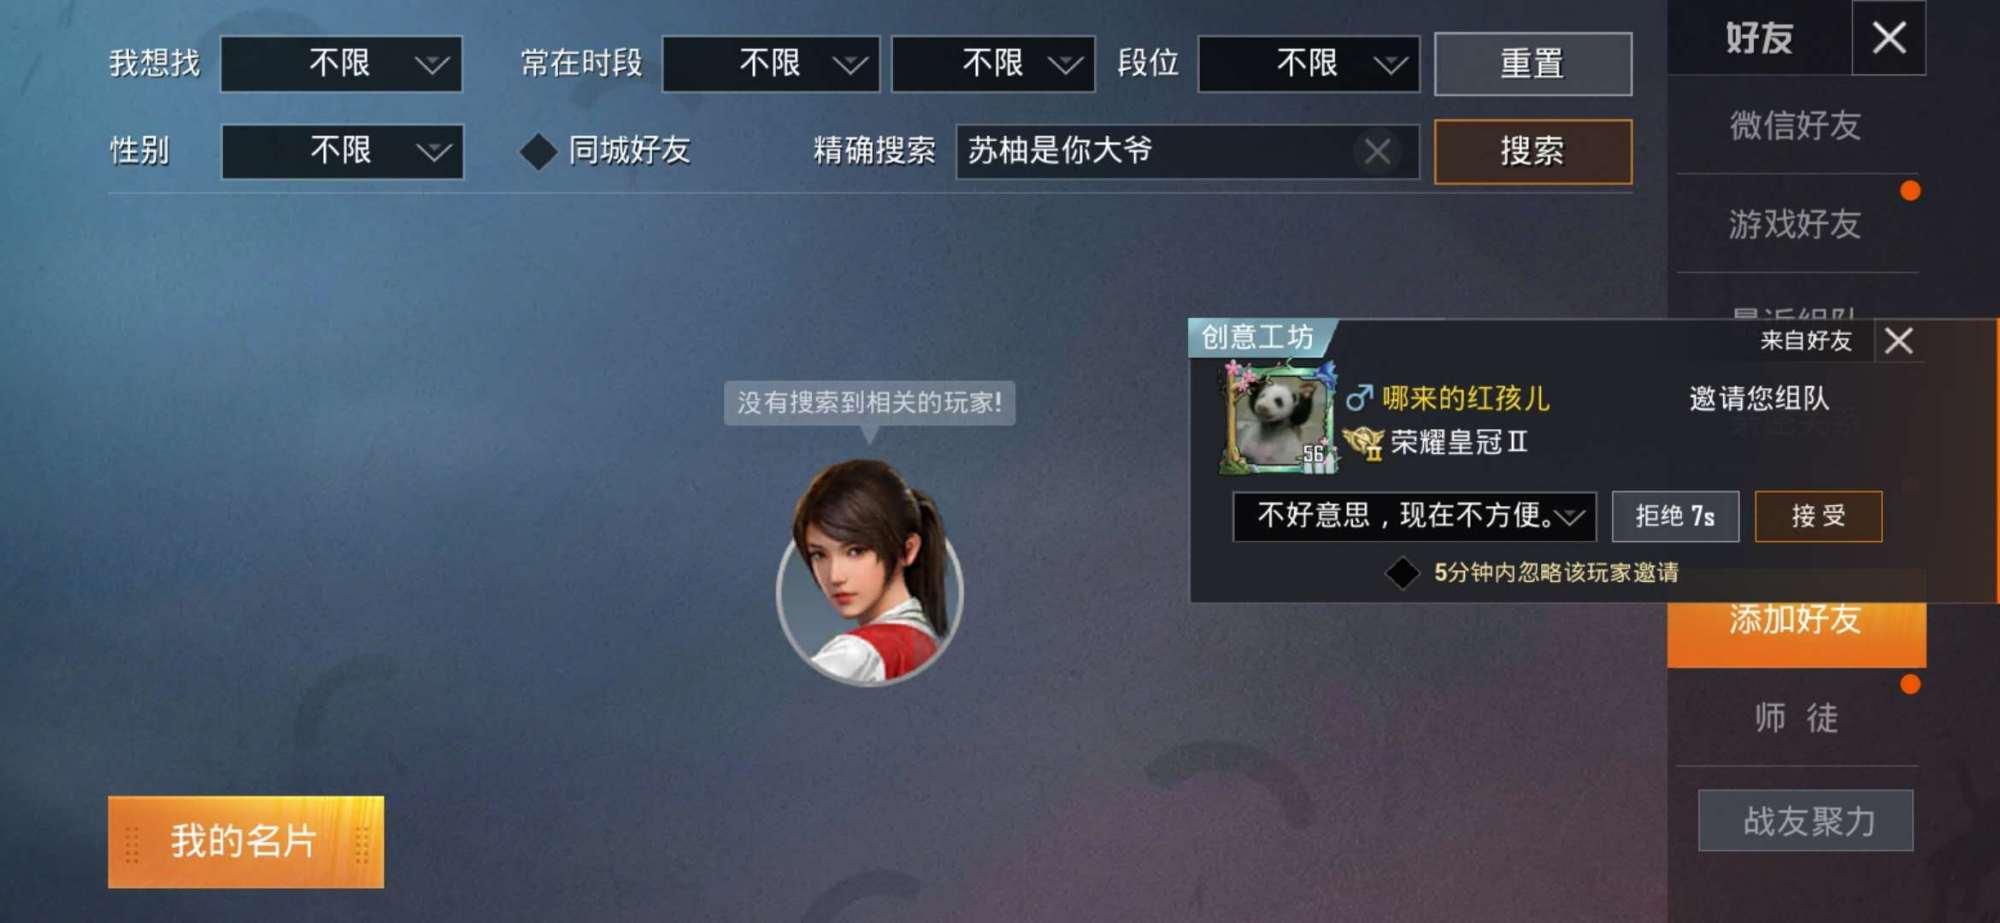 《【合盈国际注册平台】吃鸡玩家在游戏中遇到一个主播都不认识的特殊标志,搜完ID后懵了》